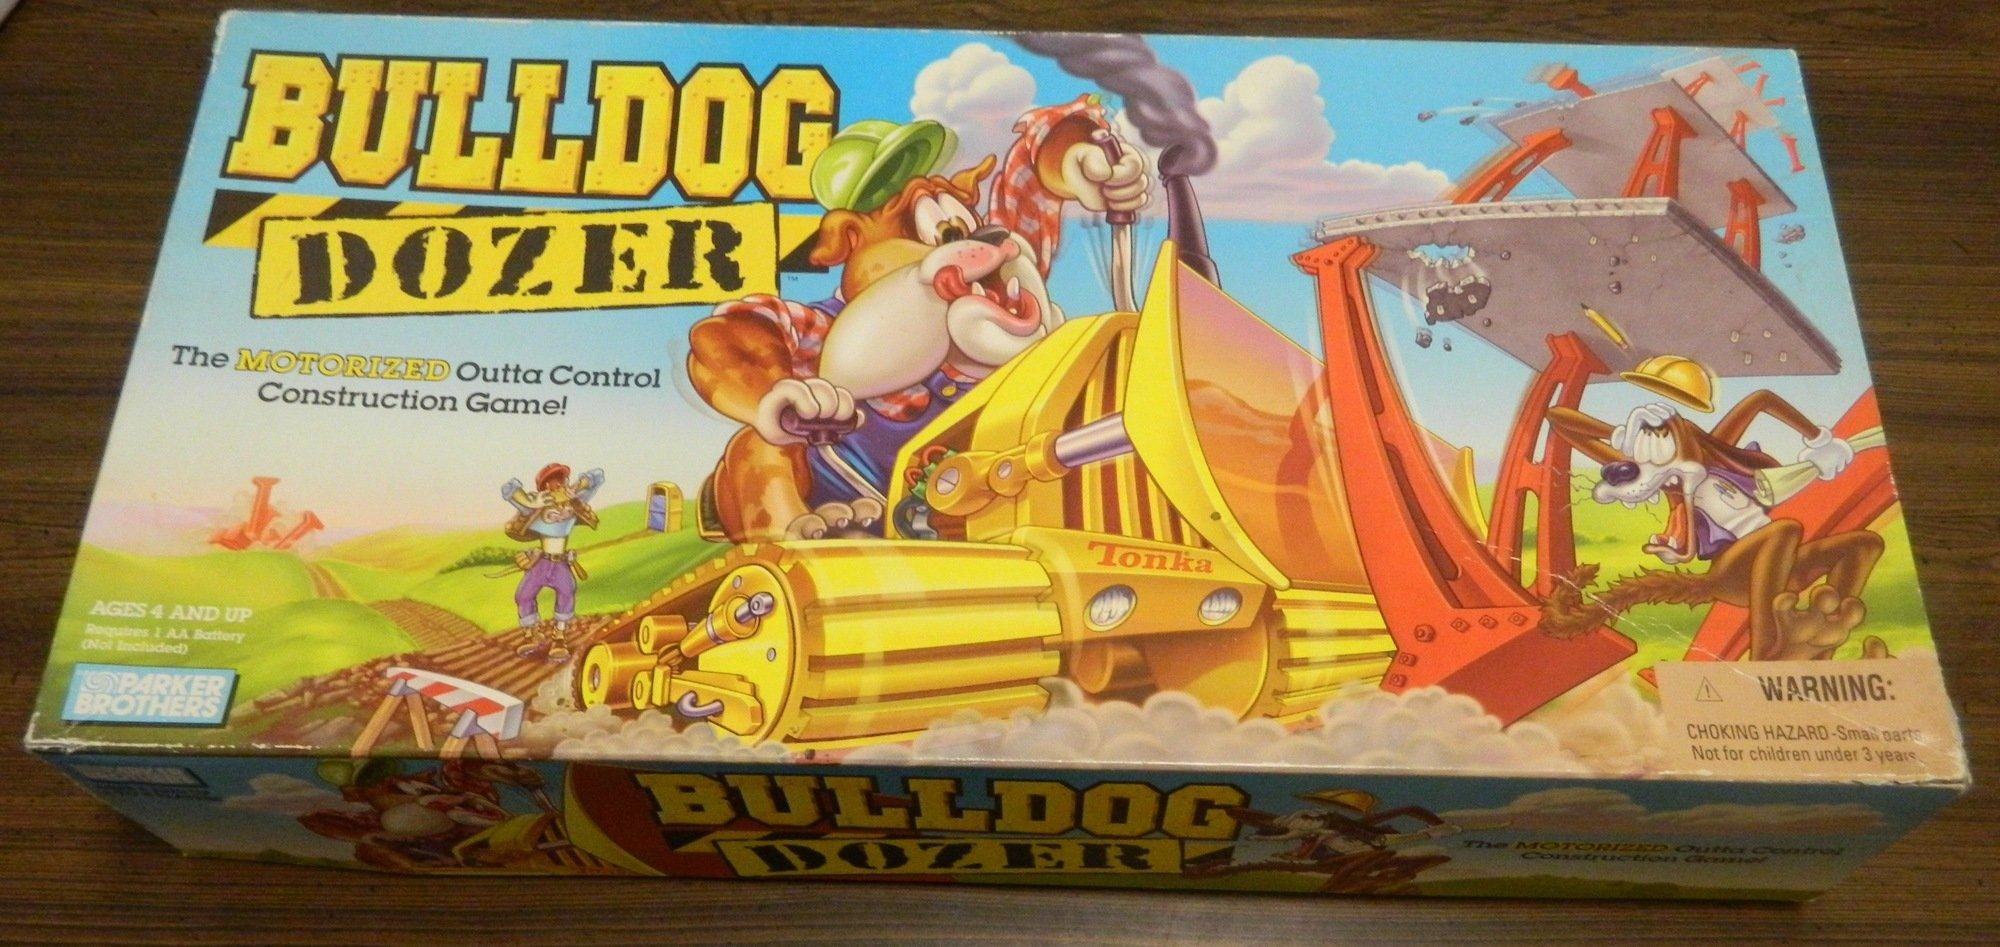 Bulldog Dozer Box